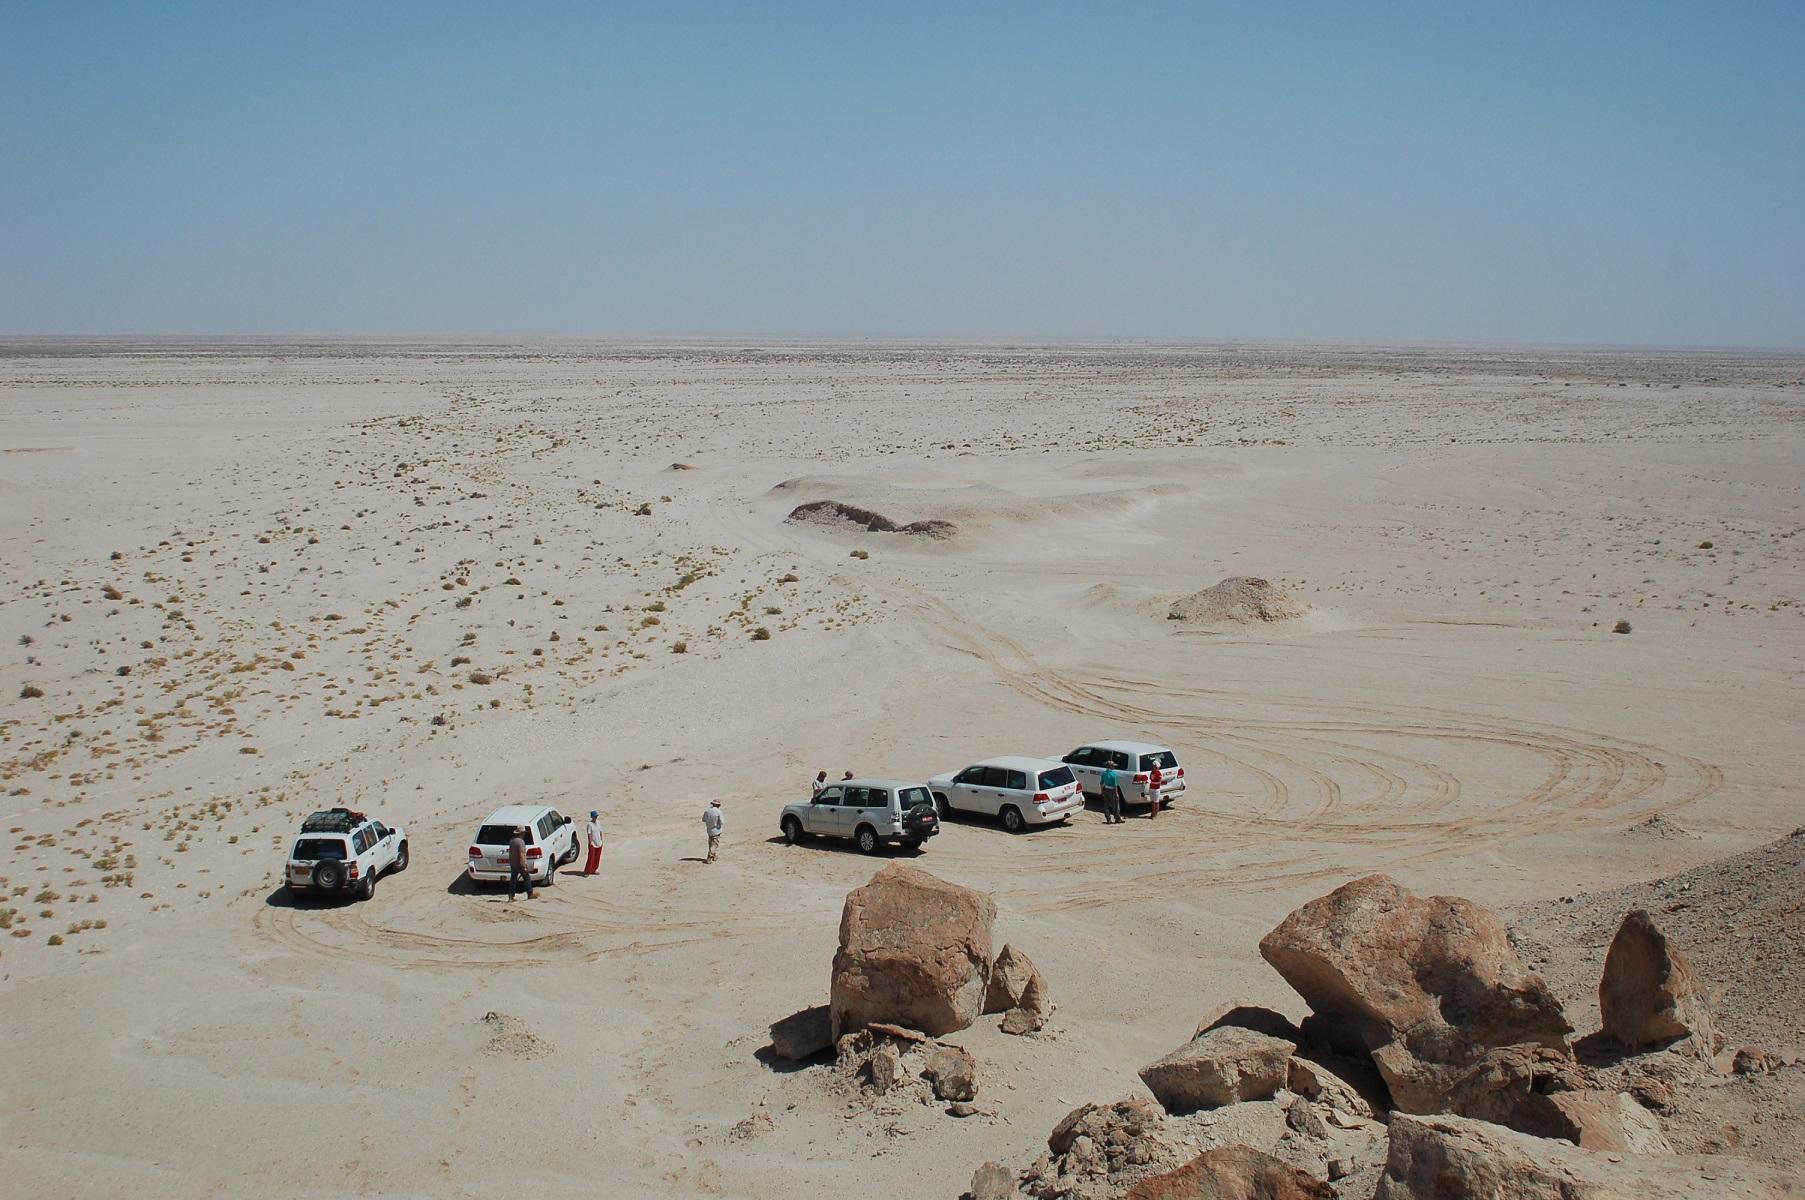 Oman - Ein weiterer Übernachtungsplatz. Das Landesinnere ist karg und wüstenähnlich, Windschutz findet man aber selten.